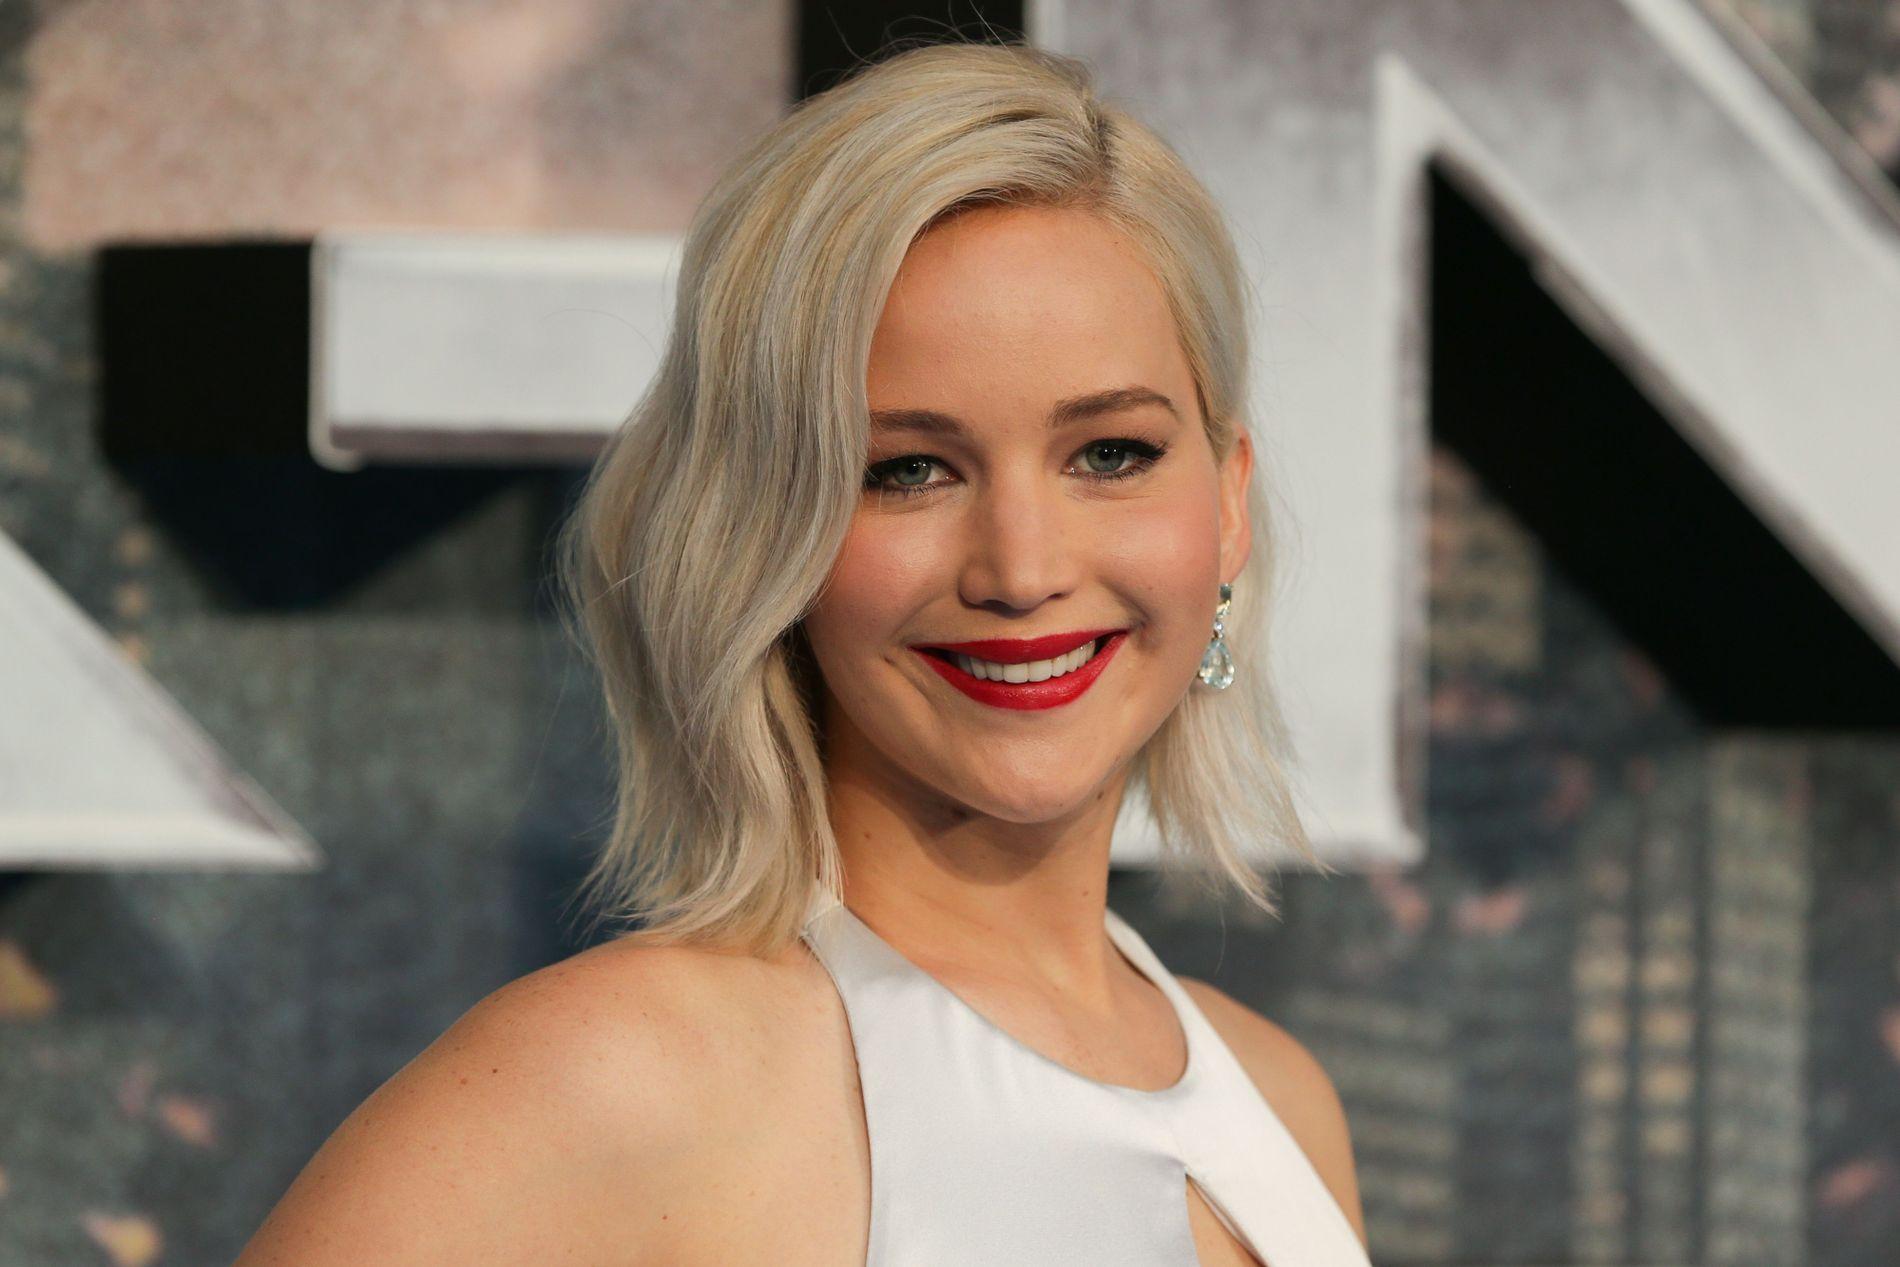 SMILER BREDT: Jennifer Lawrence på «X-Men: Apocalypse»-premiere i London i sommer. Nå topper hun best betalt-liste.